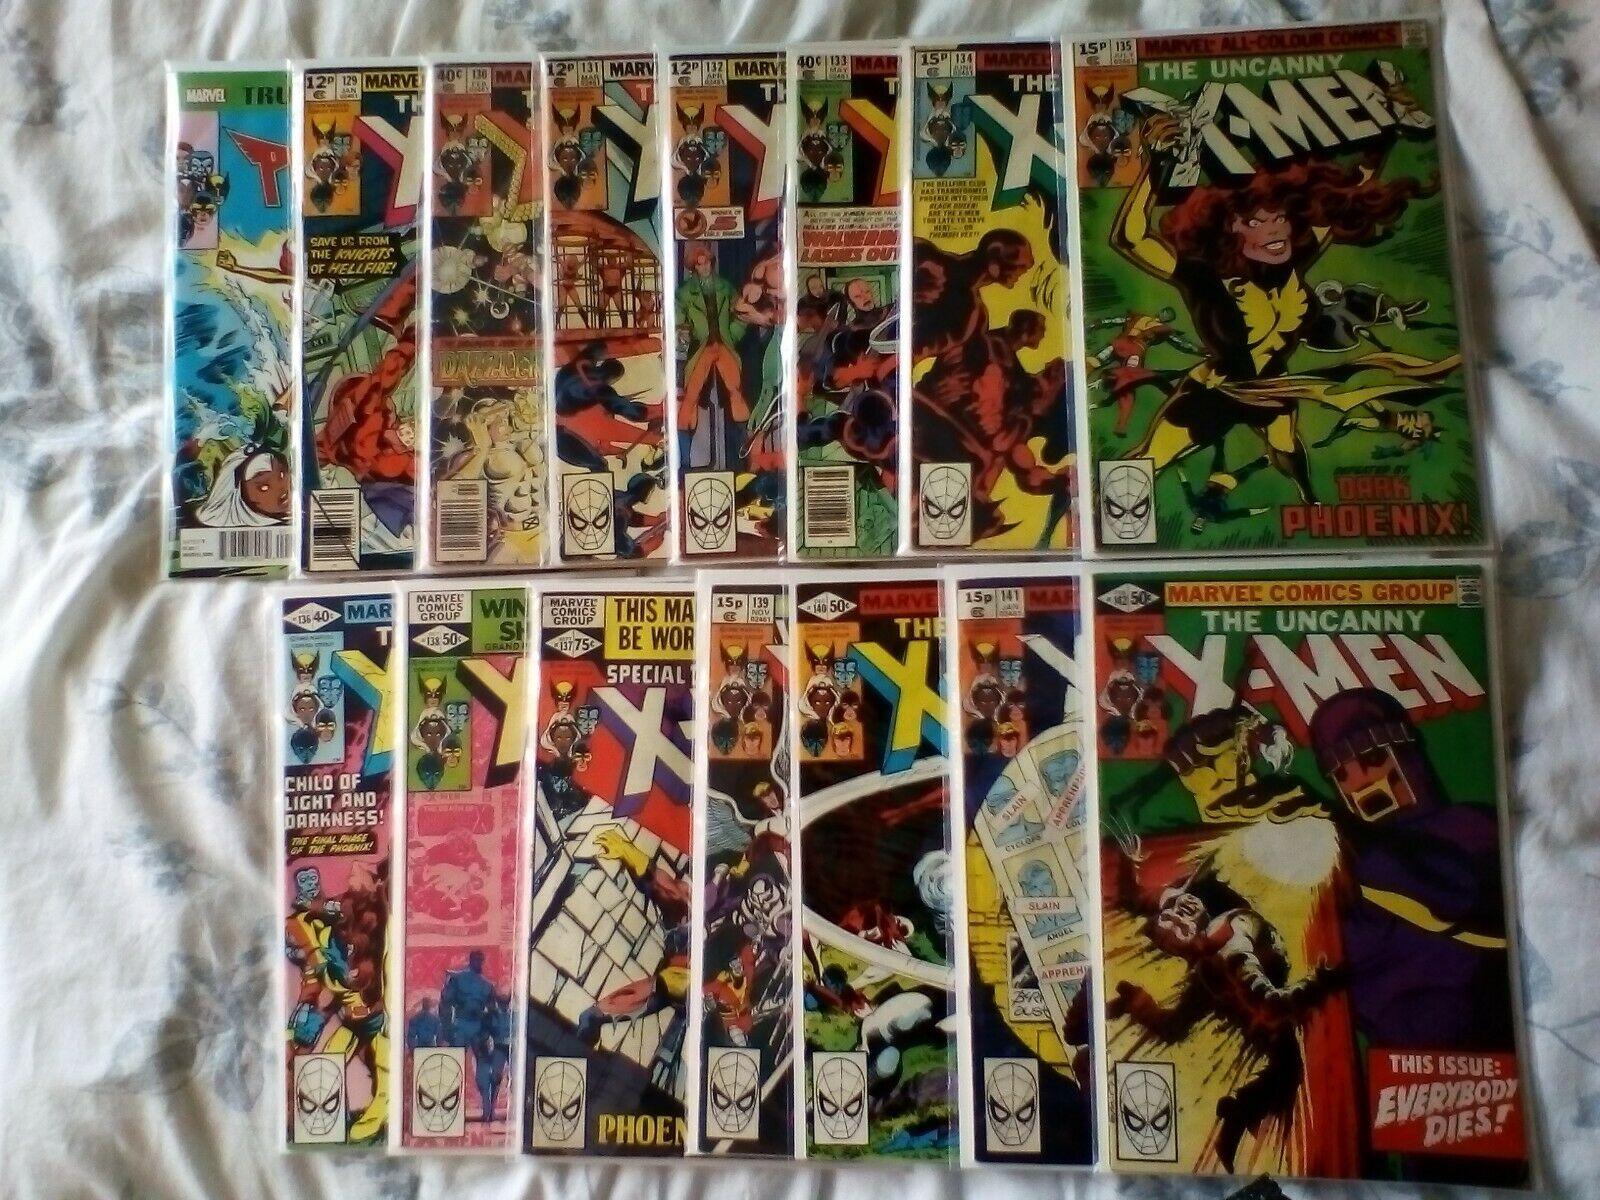 Uncanny XMen X-Men 101,129,130,131,132,133,134,135,136,137,138,139,140,141,142